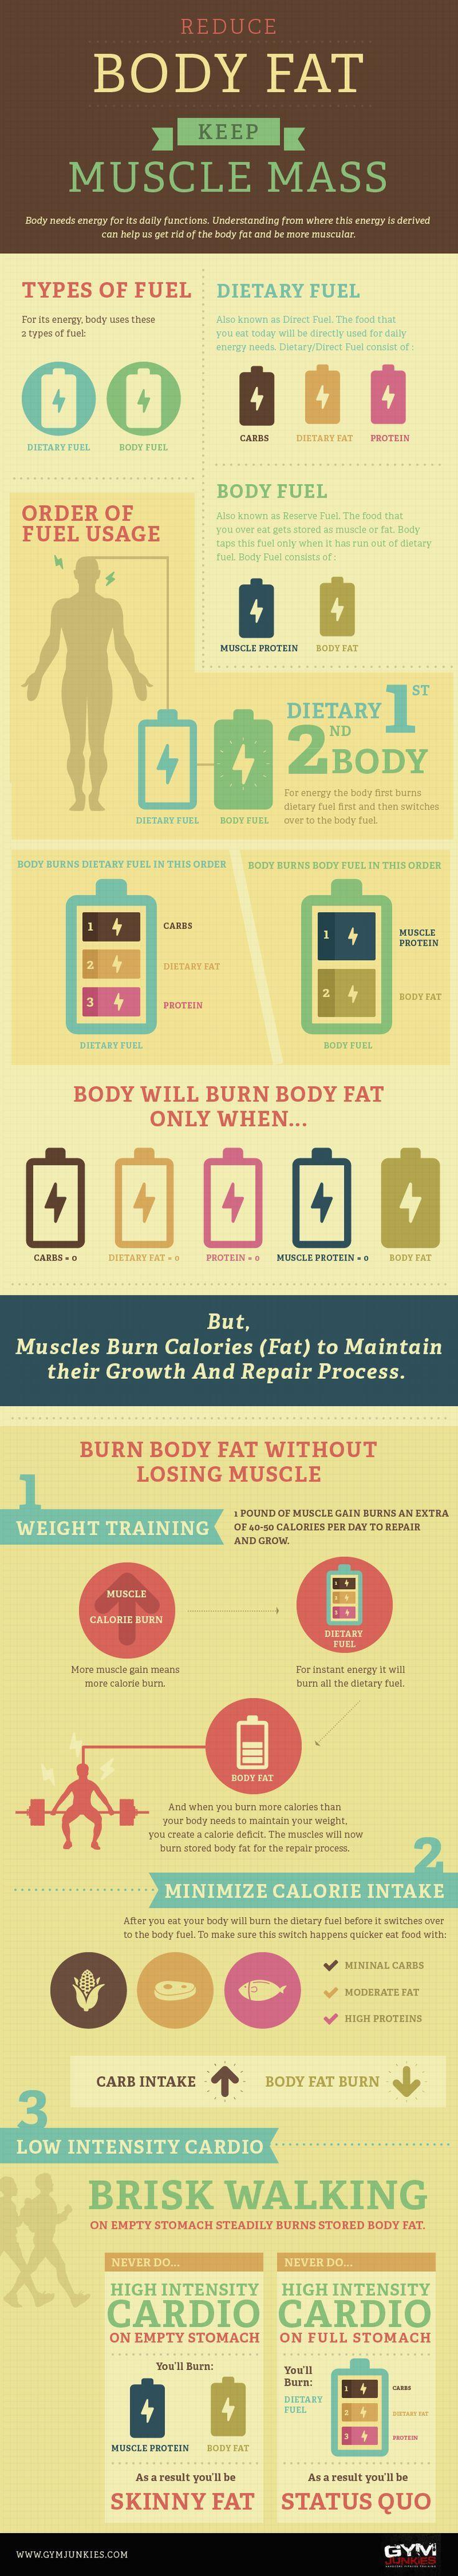 Peanut butter weight loss diet plan photo 9